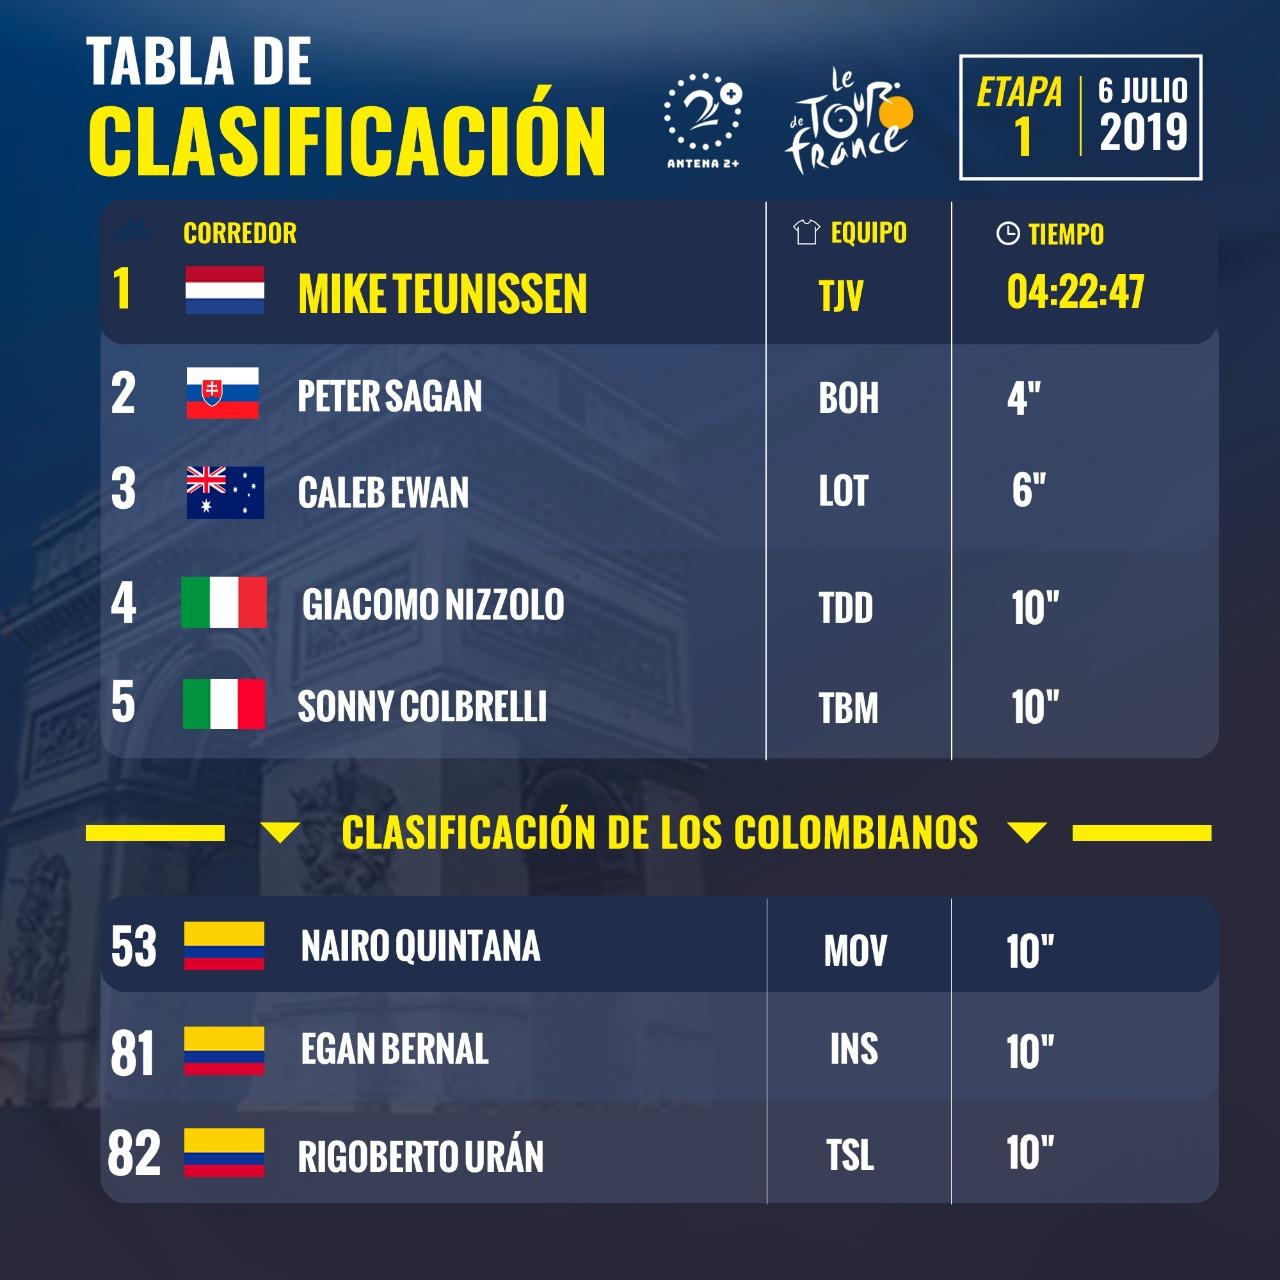 Tour de Francia, Clasificación general Etapa 1